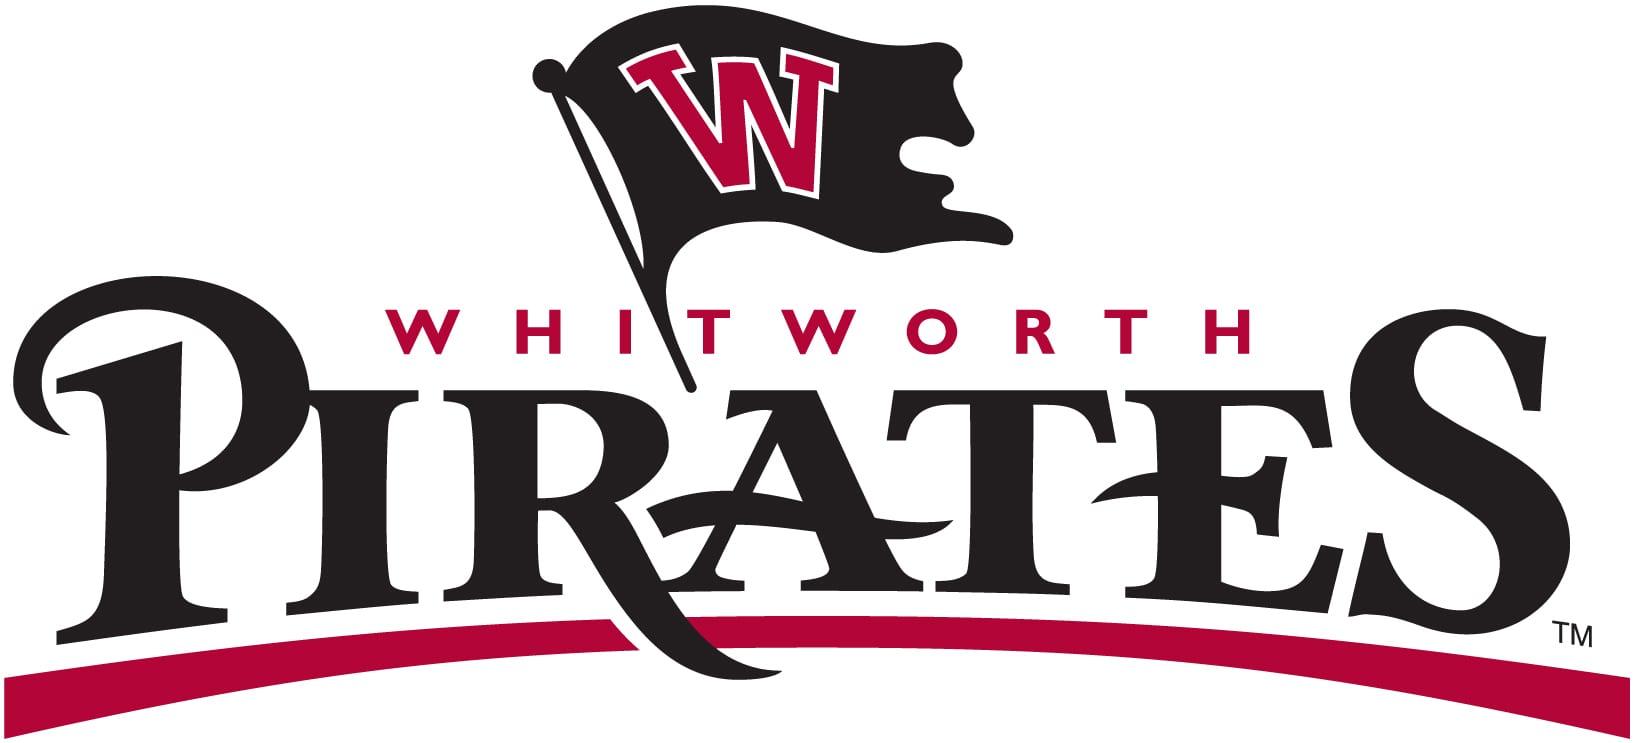 Whitworth Pirates Logo